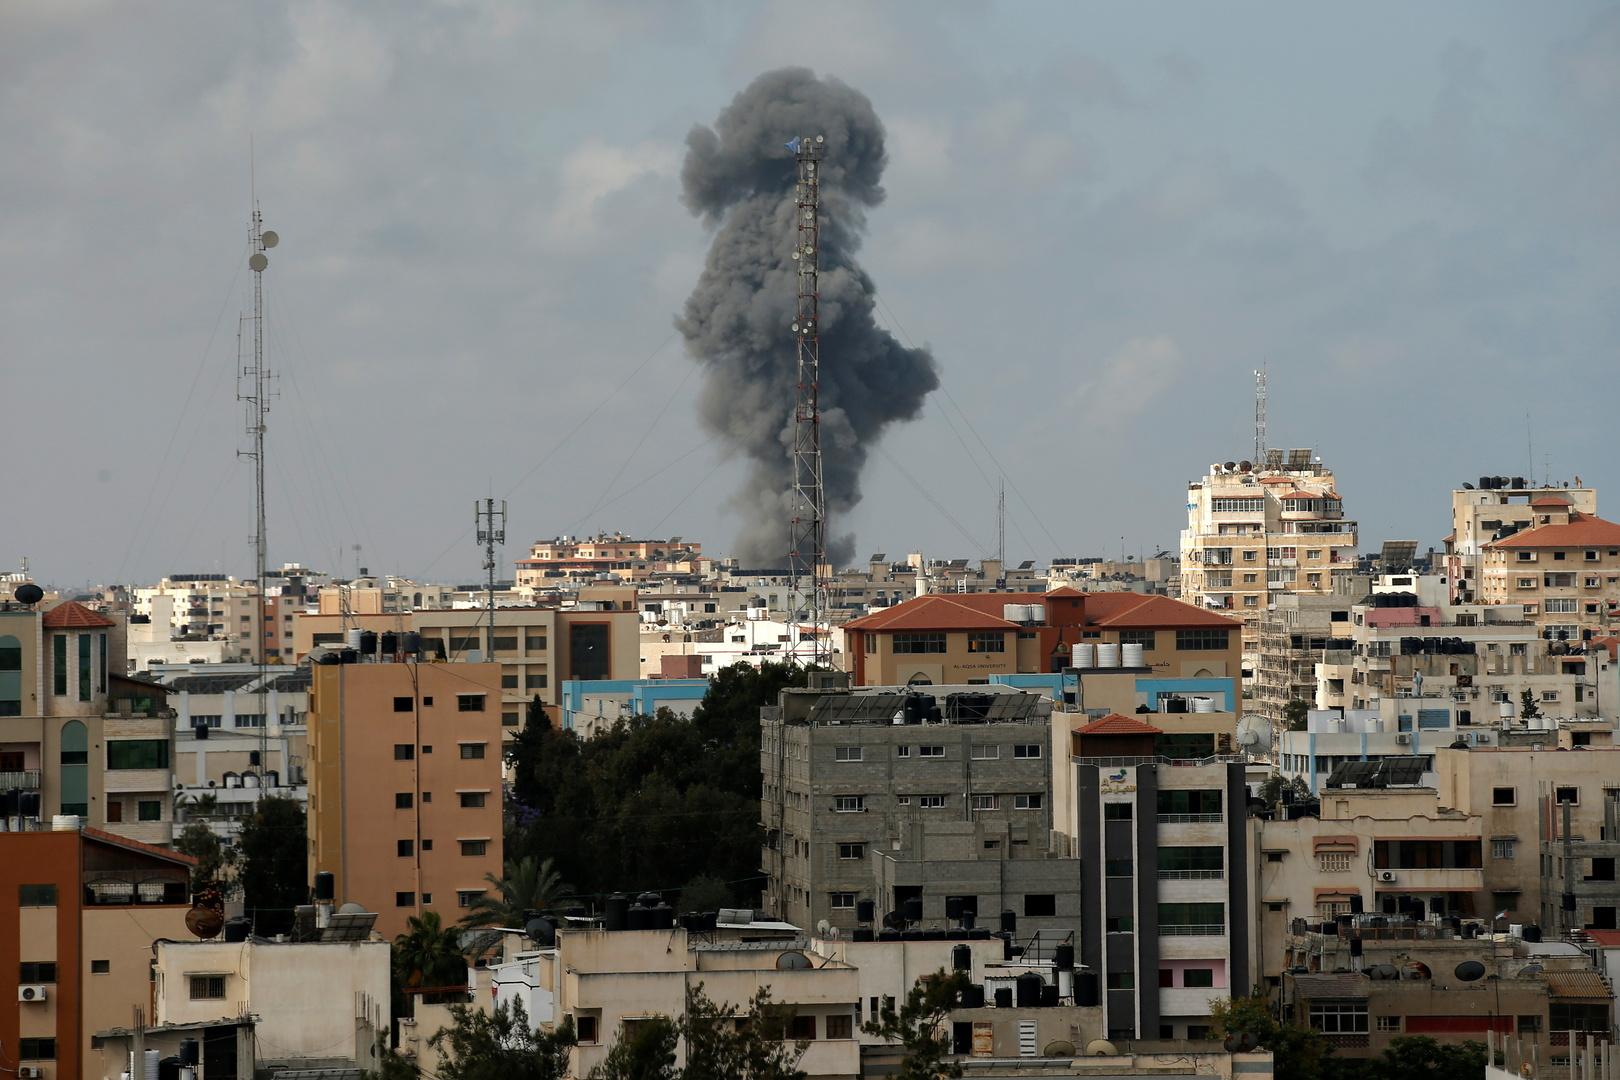 غارة إسرائيلية على قطاع غزة 12 مايو 2021